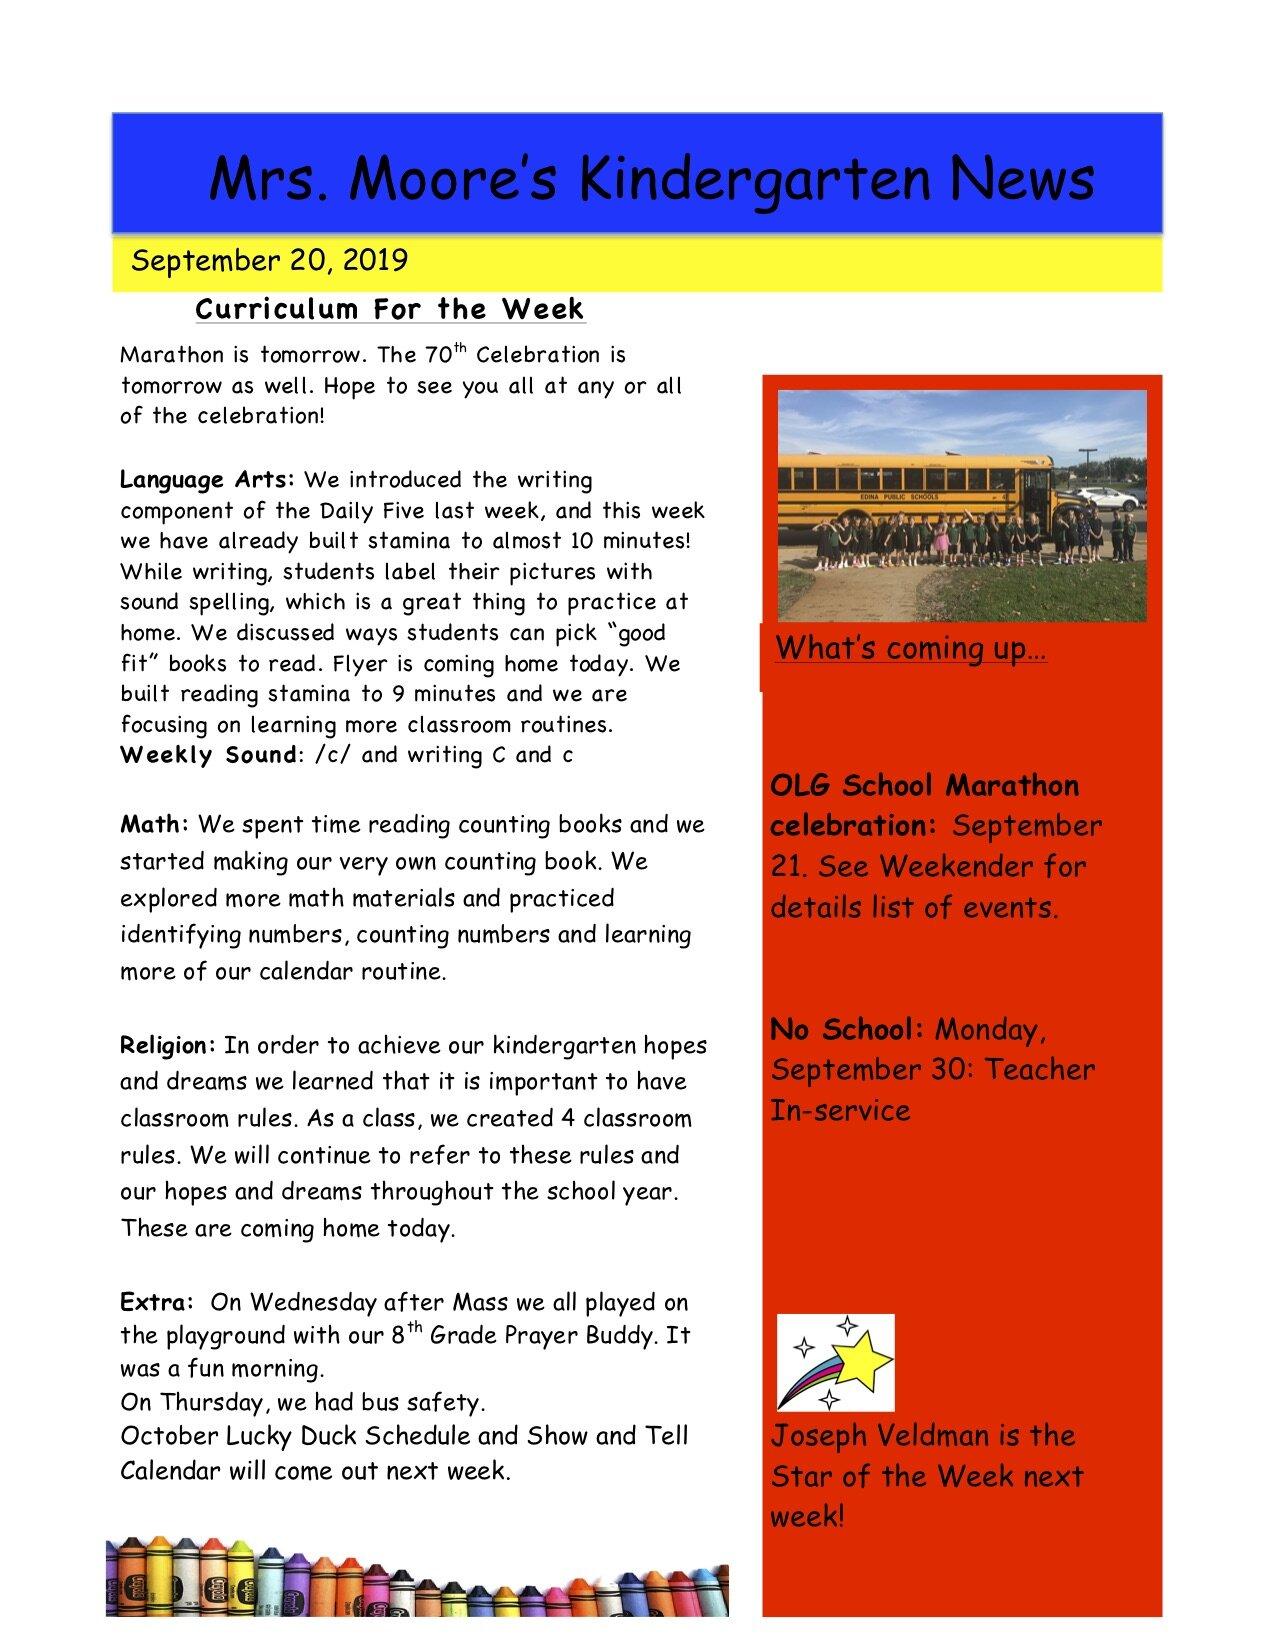 Moore Newsletter 9-20-19.jpg